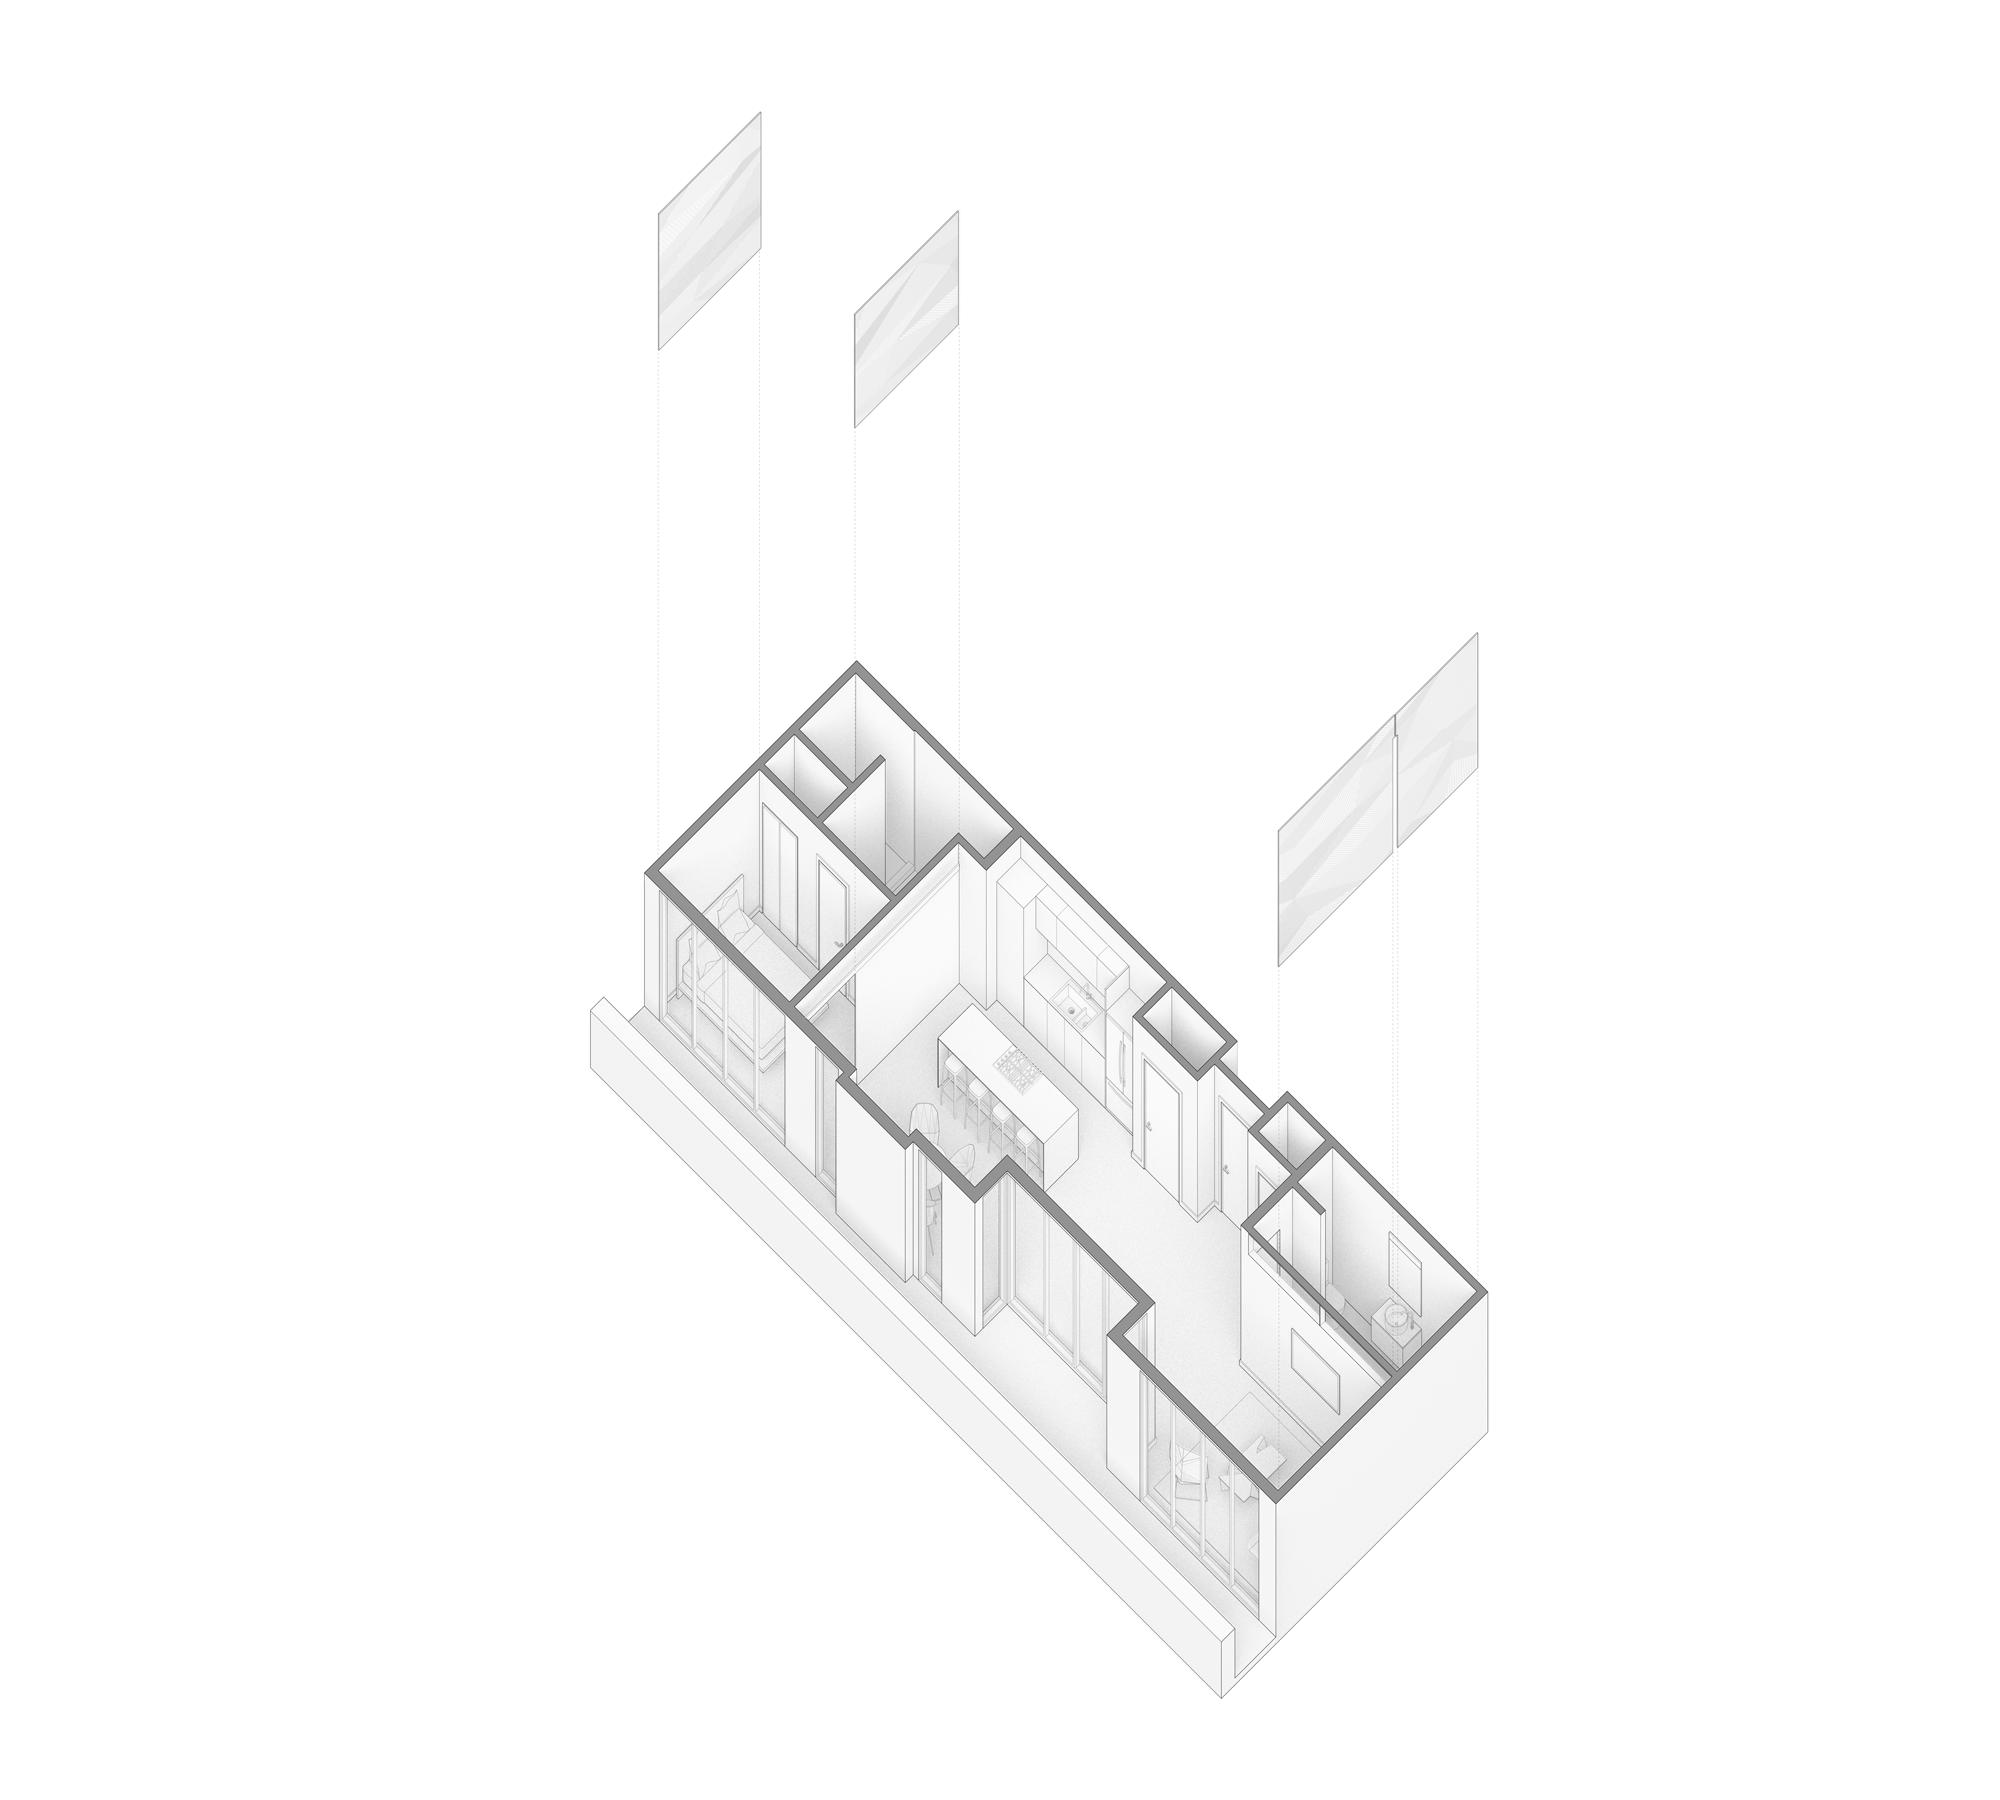 steven-christensen_broadway-loft_exploded-axo_1280.png